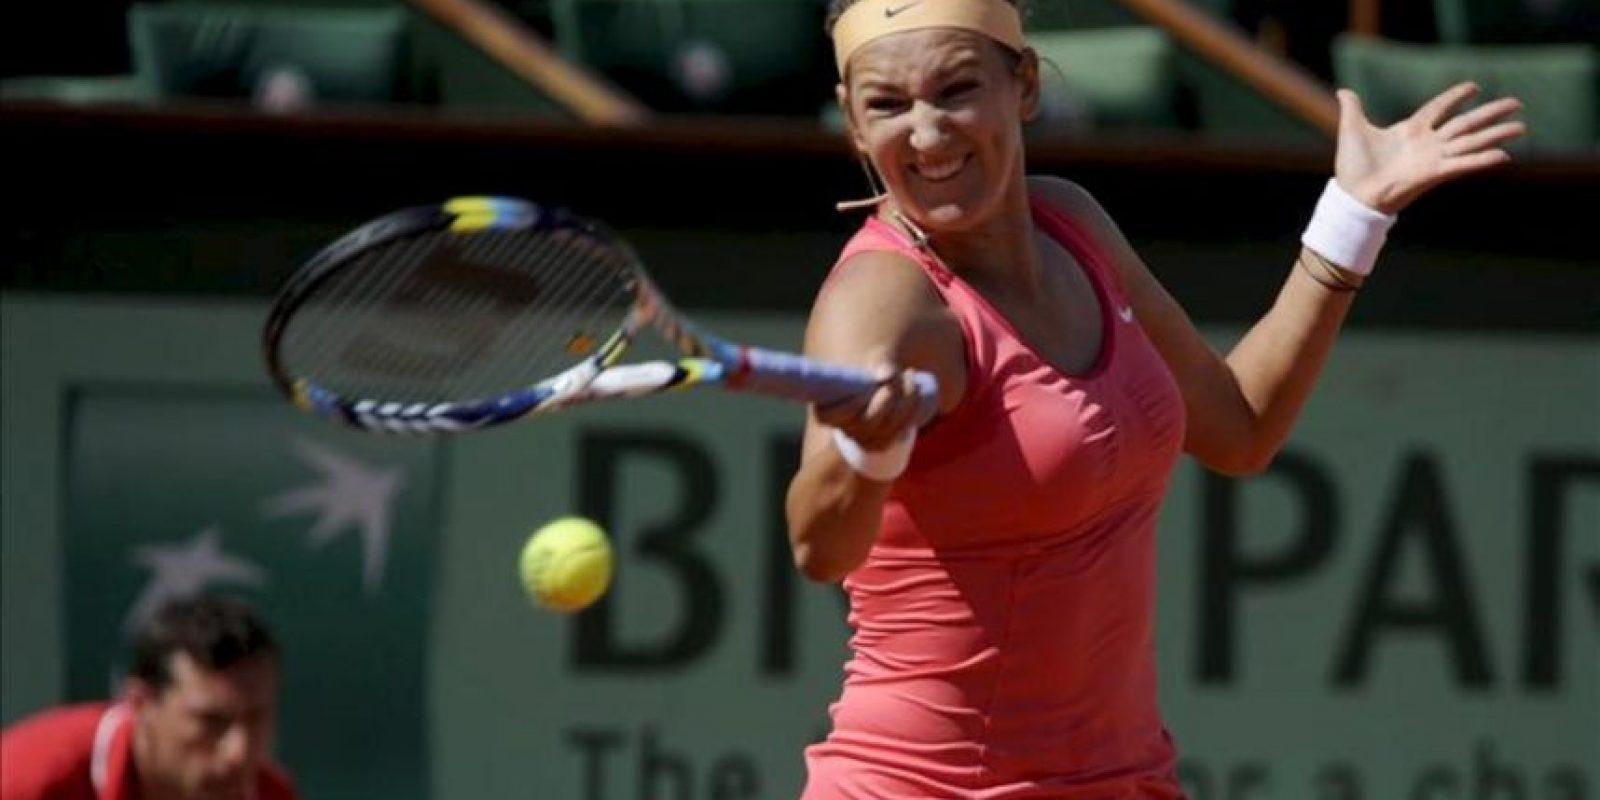 La tenista bielorrusa Victoria Azarenka golpea la bola durante su partido de segunda ronda del Torneo Roland Garros disputado hoy ante la germana Dinah Pfizenmaier en París, Francia. EFE